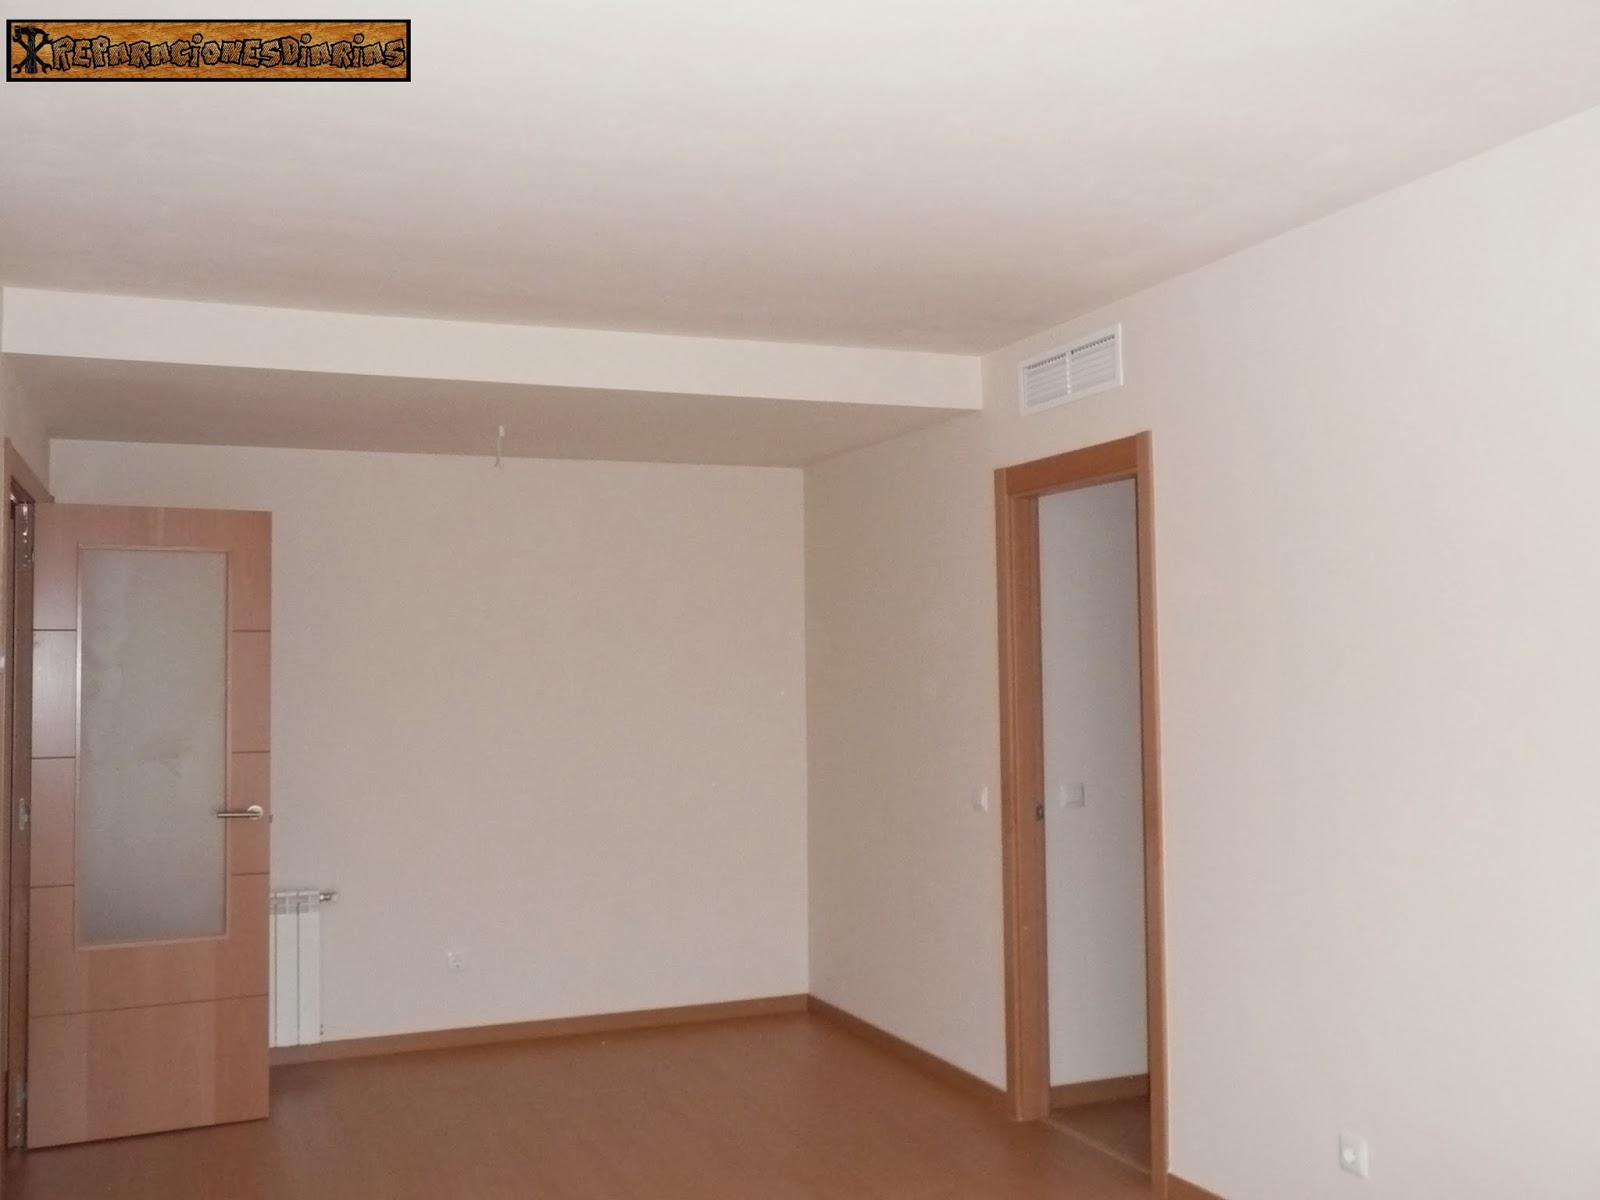 Reparacionesdiarias pintar el salon a dos colores - Muebles de salon en blanco roto ...